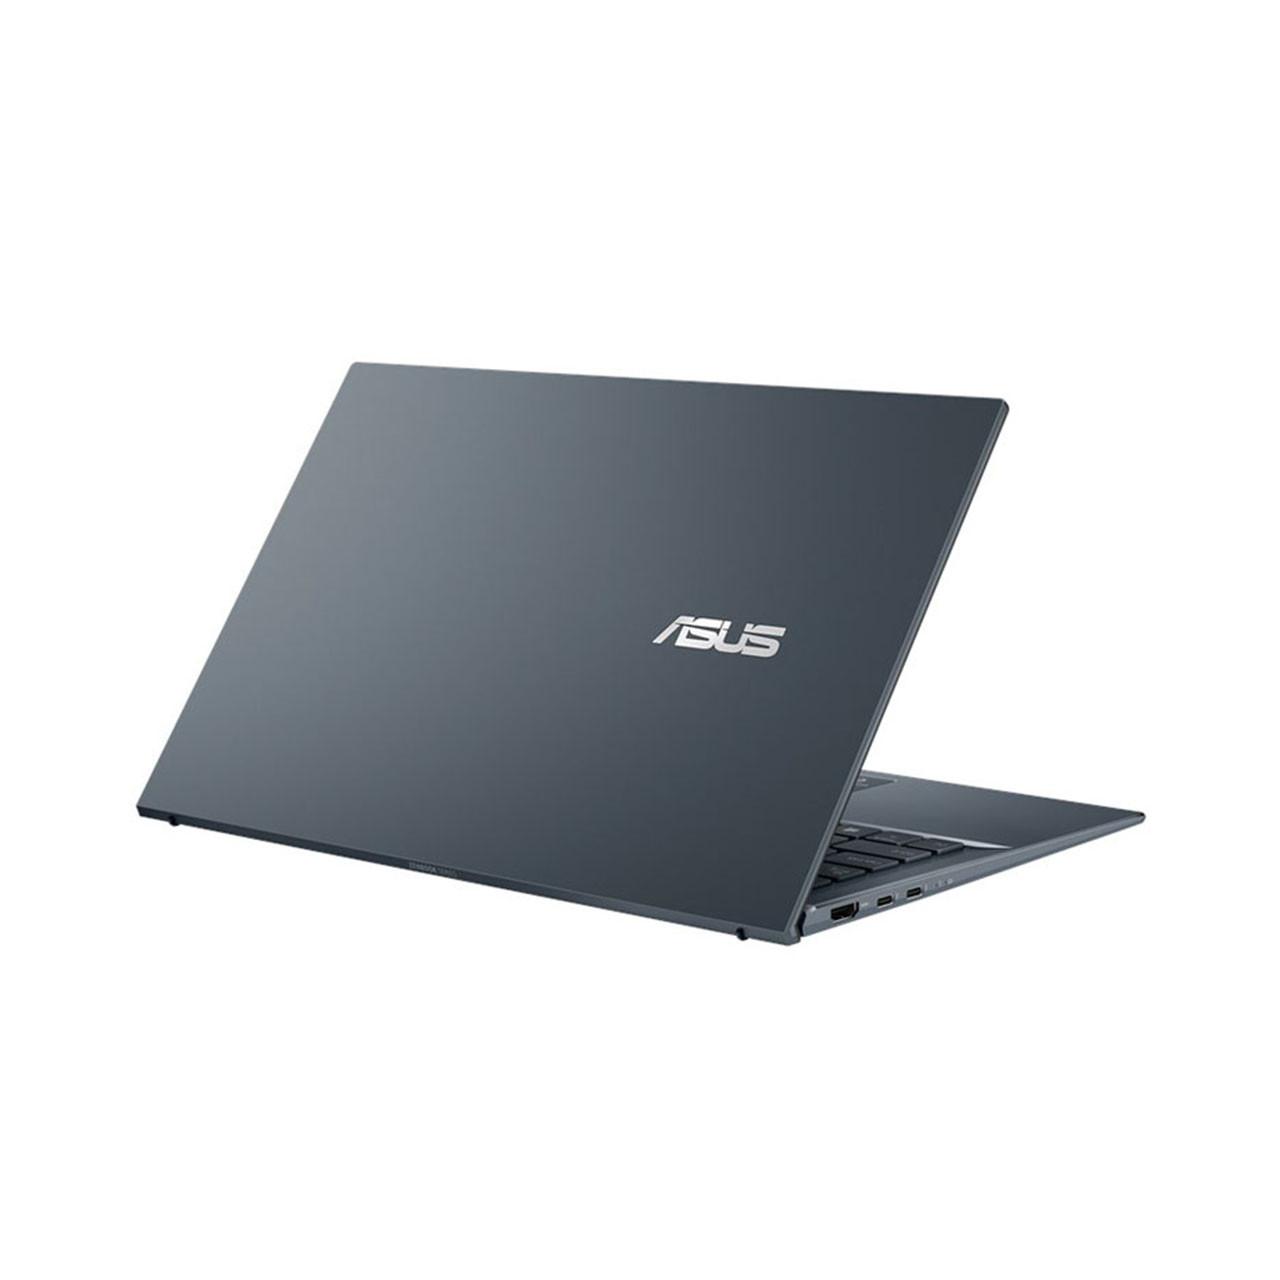 ASUS UX435EAL-KC054TS